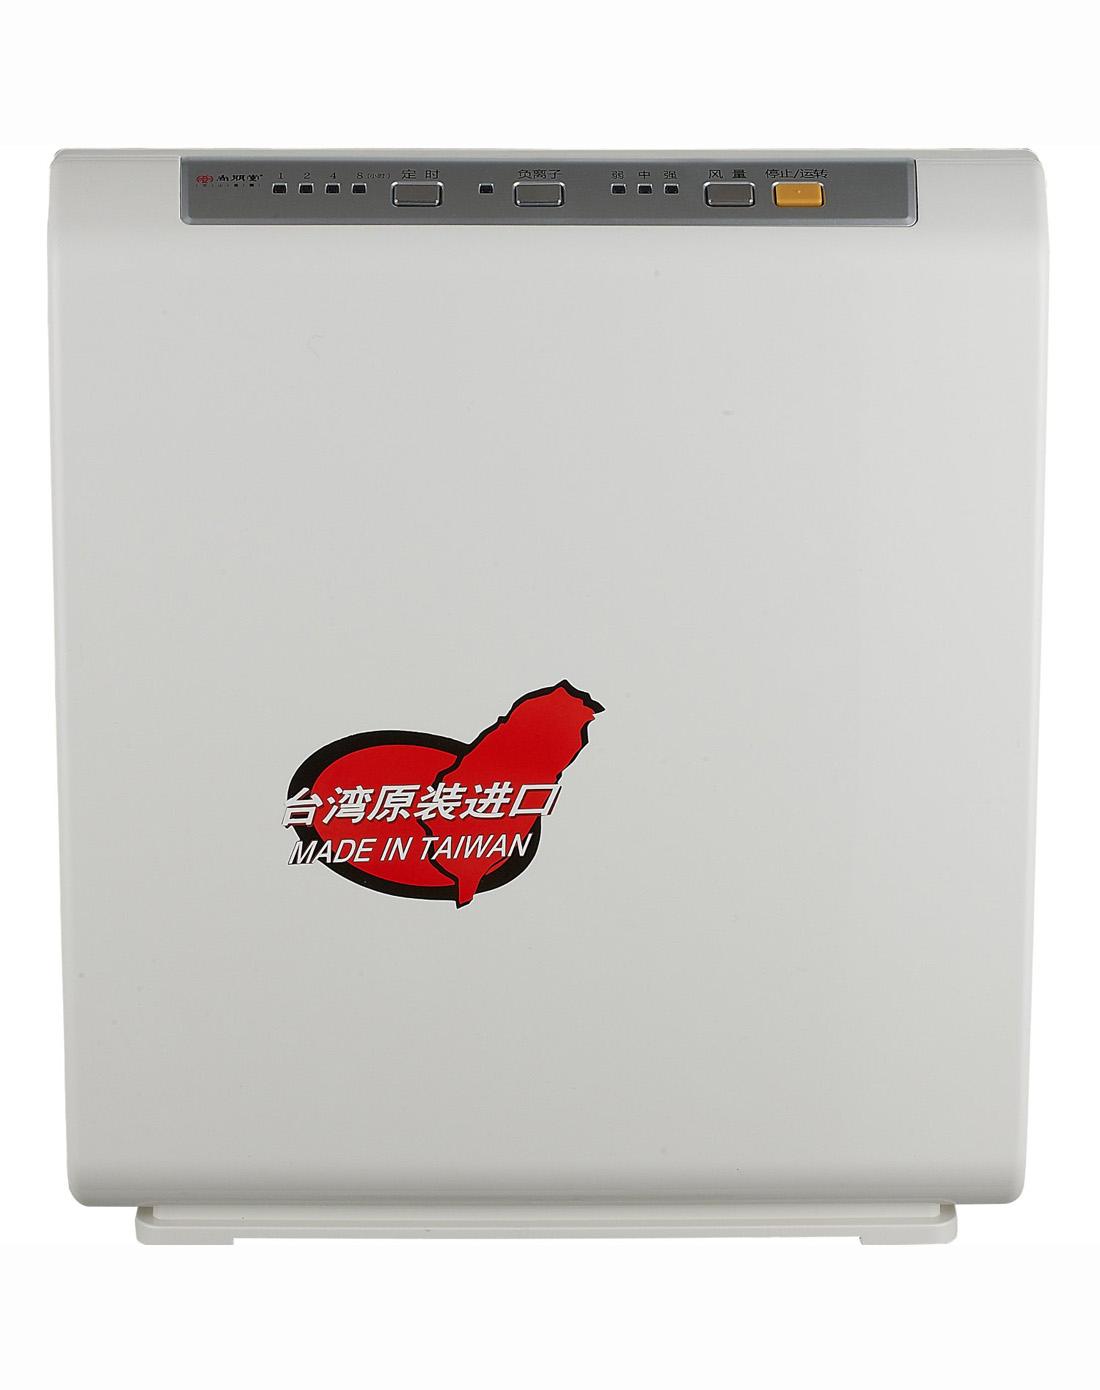 尚朋堂空气净化器ys-335acs